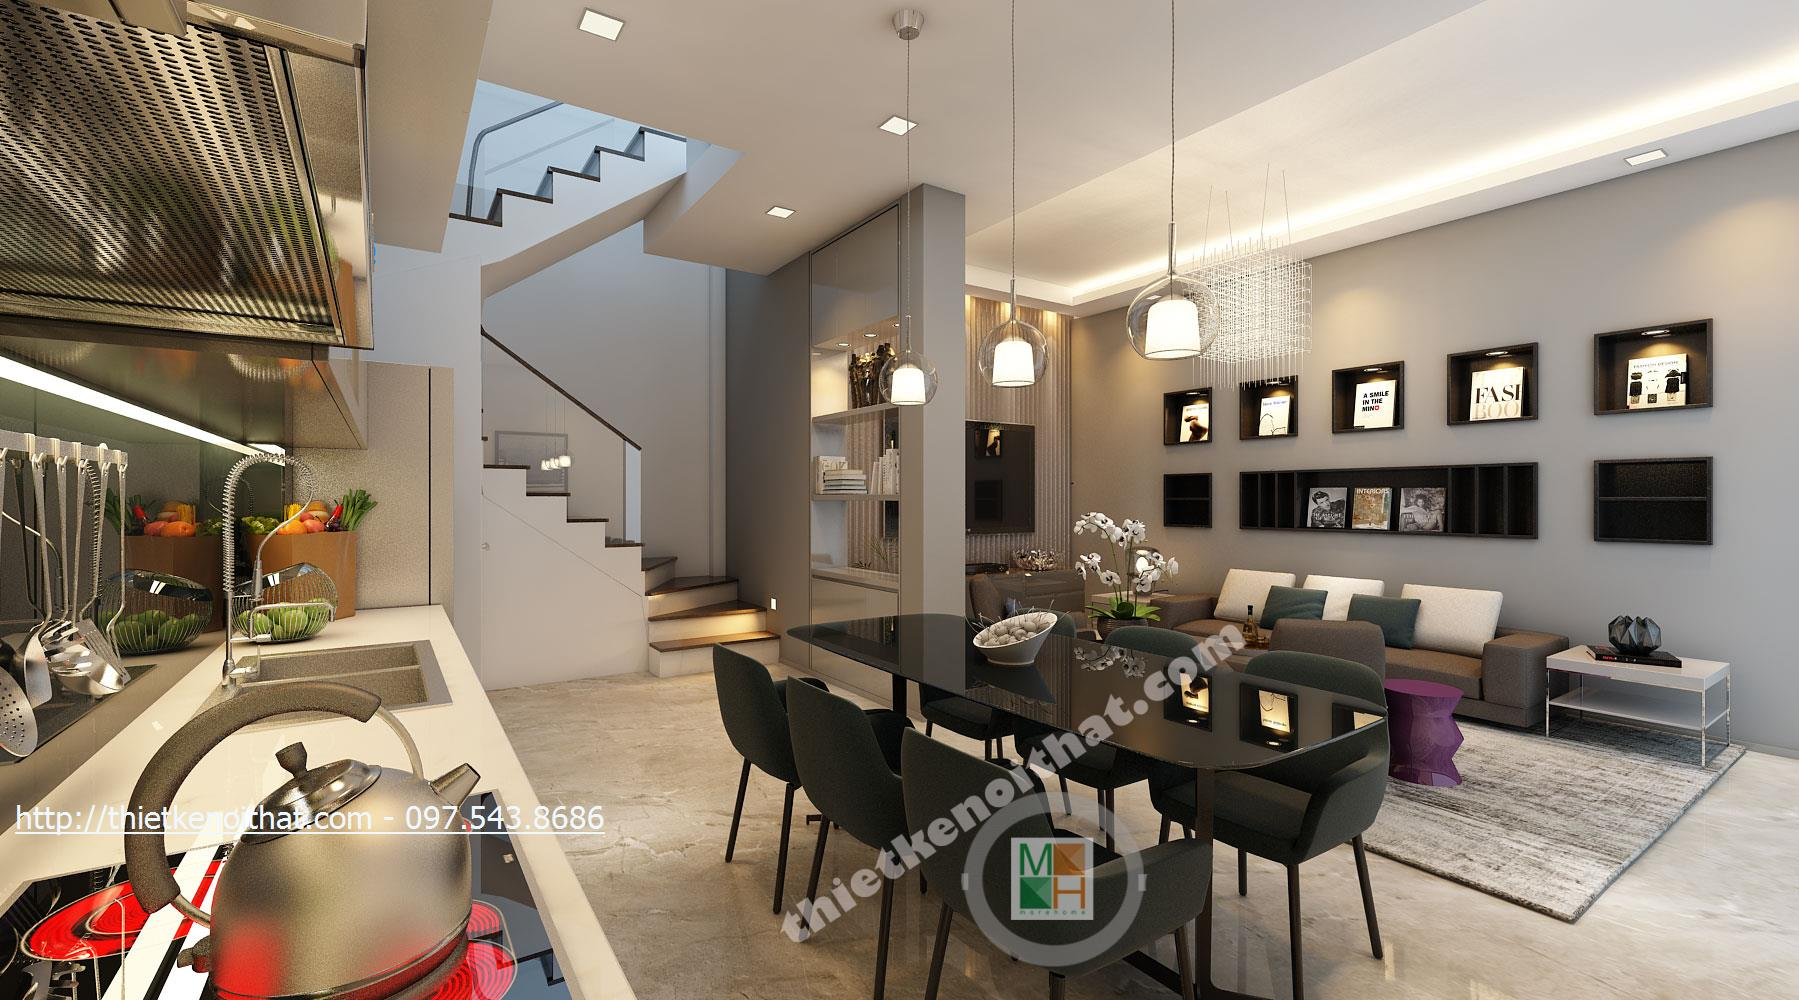 Thiết kế nội thất nhà phố hiện đại - Nhà chị Chi